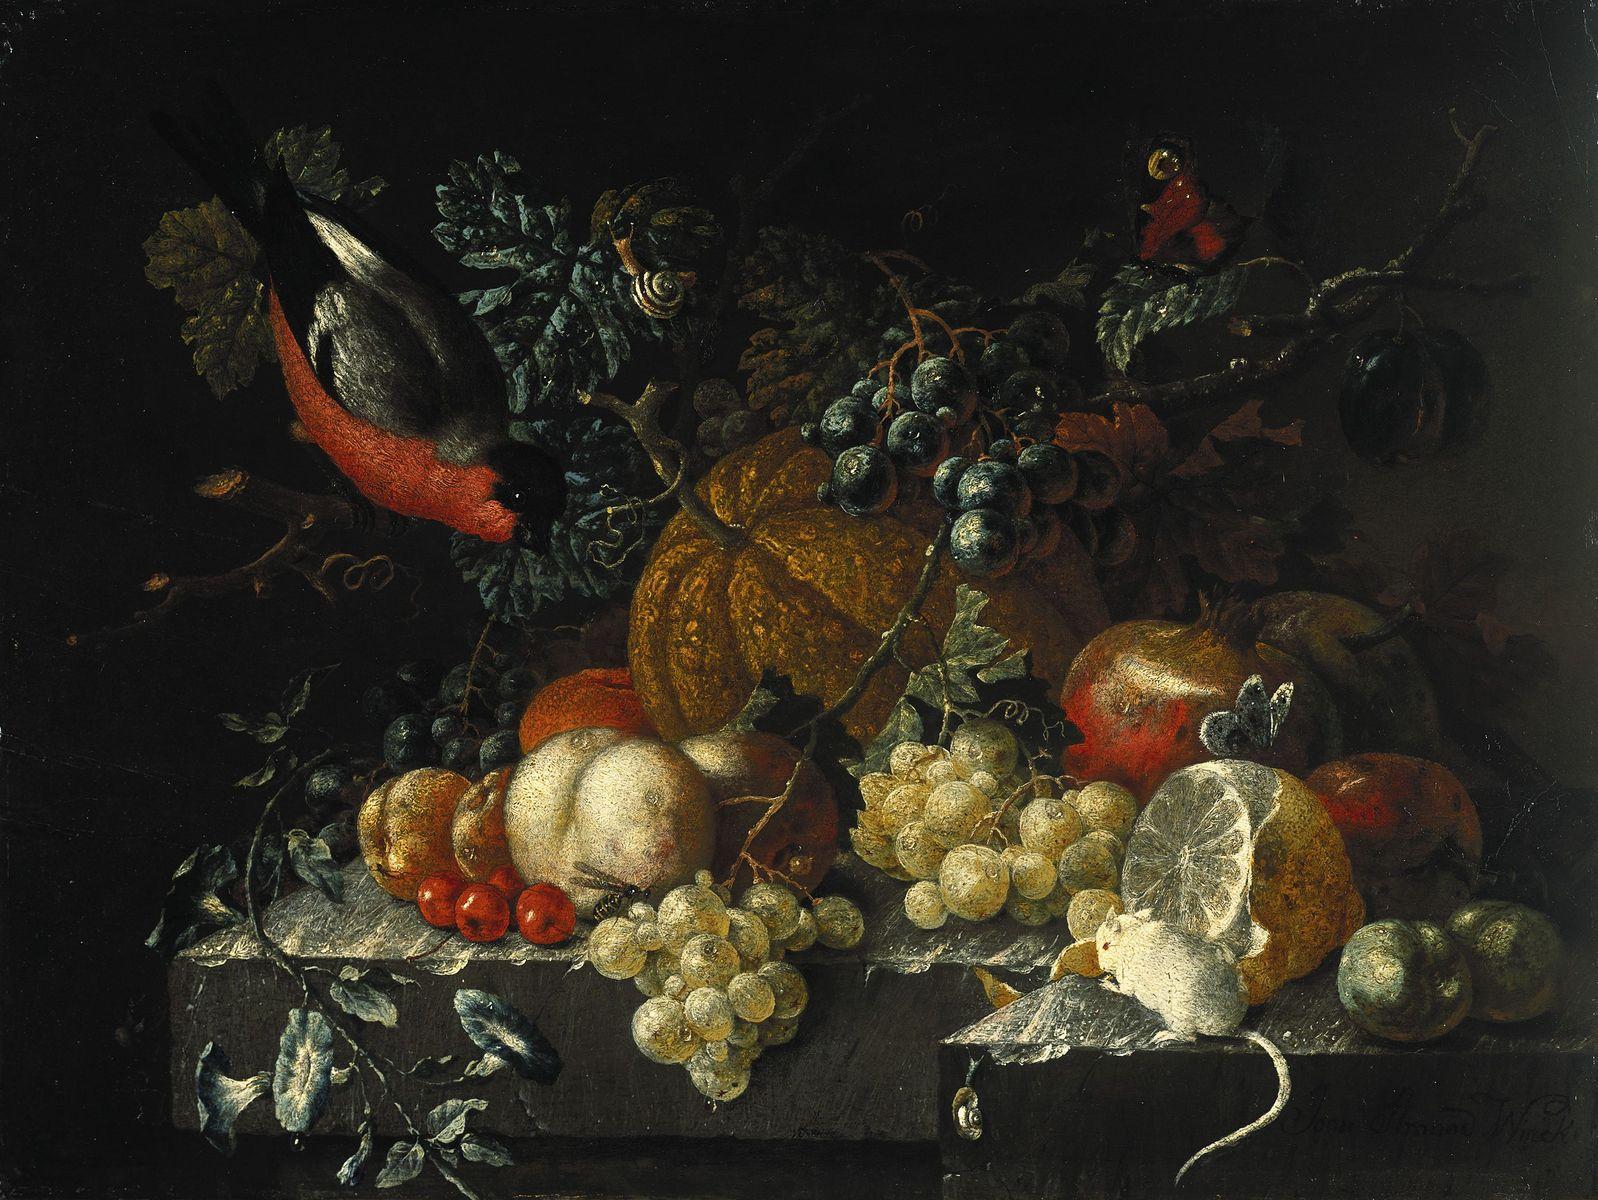 """Johann Amandus Winck: """"Stillleben mit Früchten, Blumen und Tieren (u.a. ein Dompfaff)"""" (ca. 1800);  (c) bpk / Gemäldegalerie, SMB / Jörg P. Anders"""